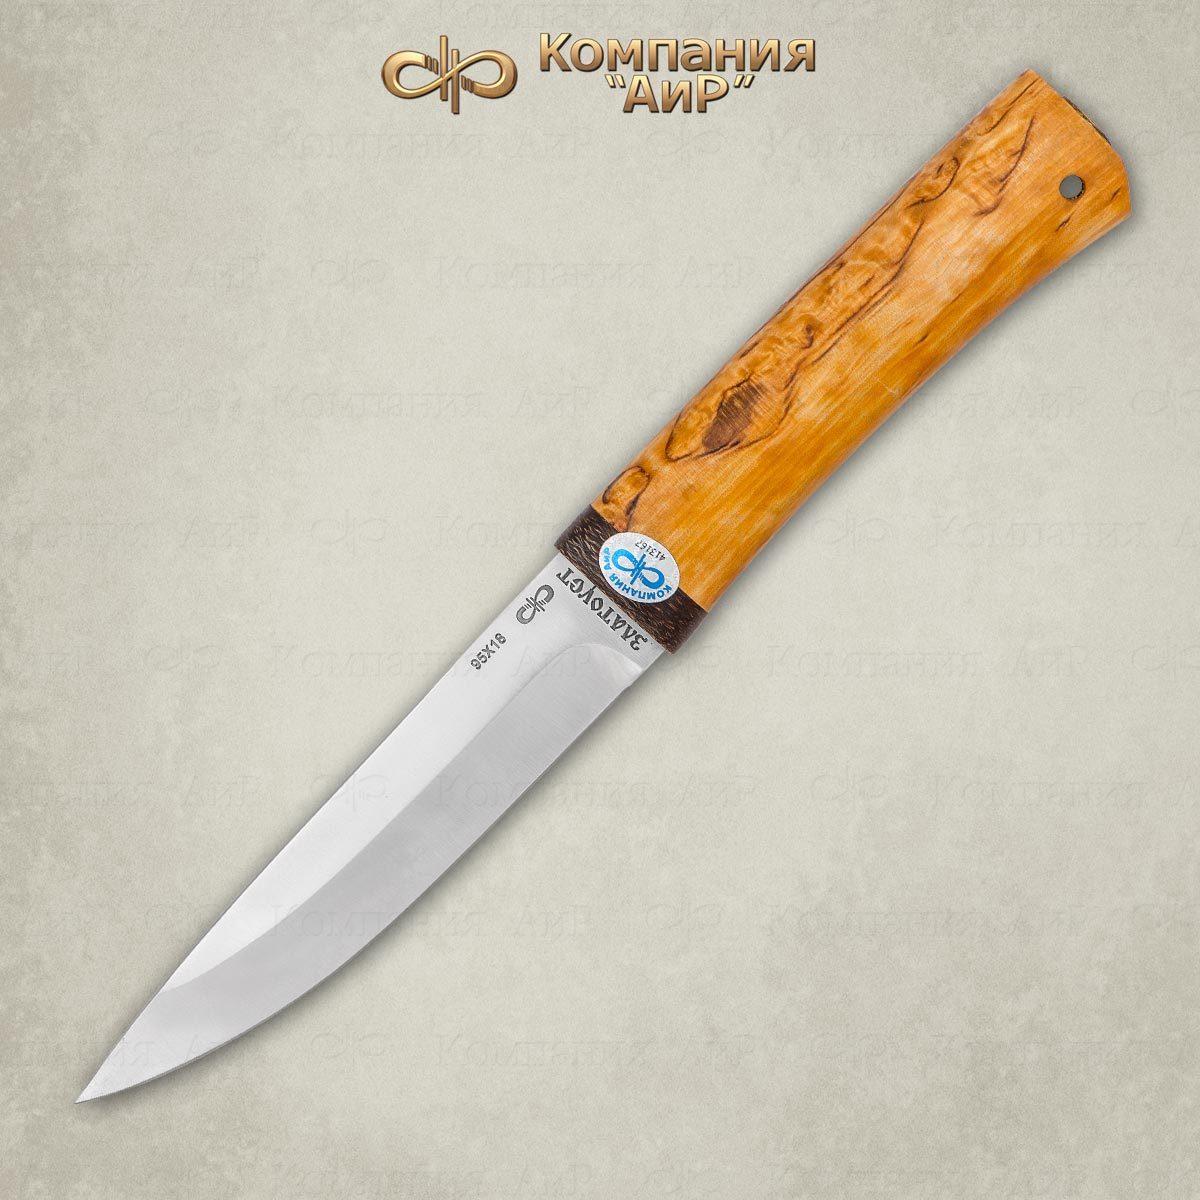 Фото 3 - Нож Пескарь, карельская береза, 95х18 от АиР